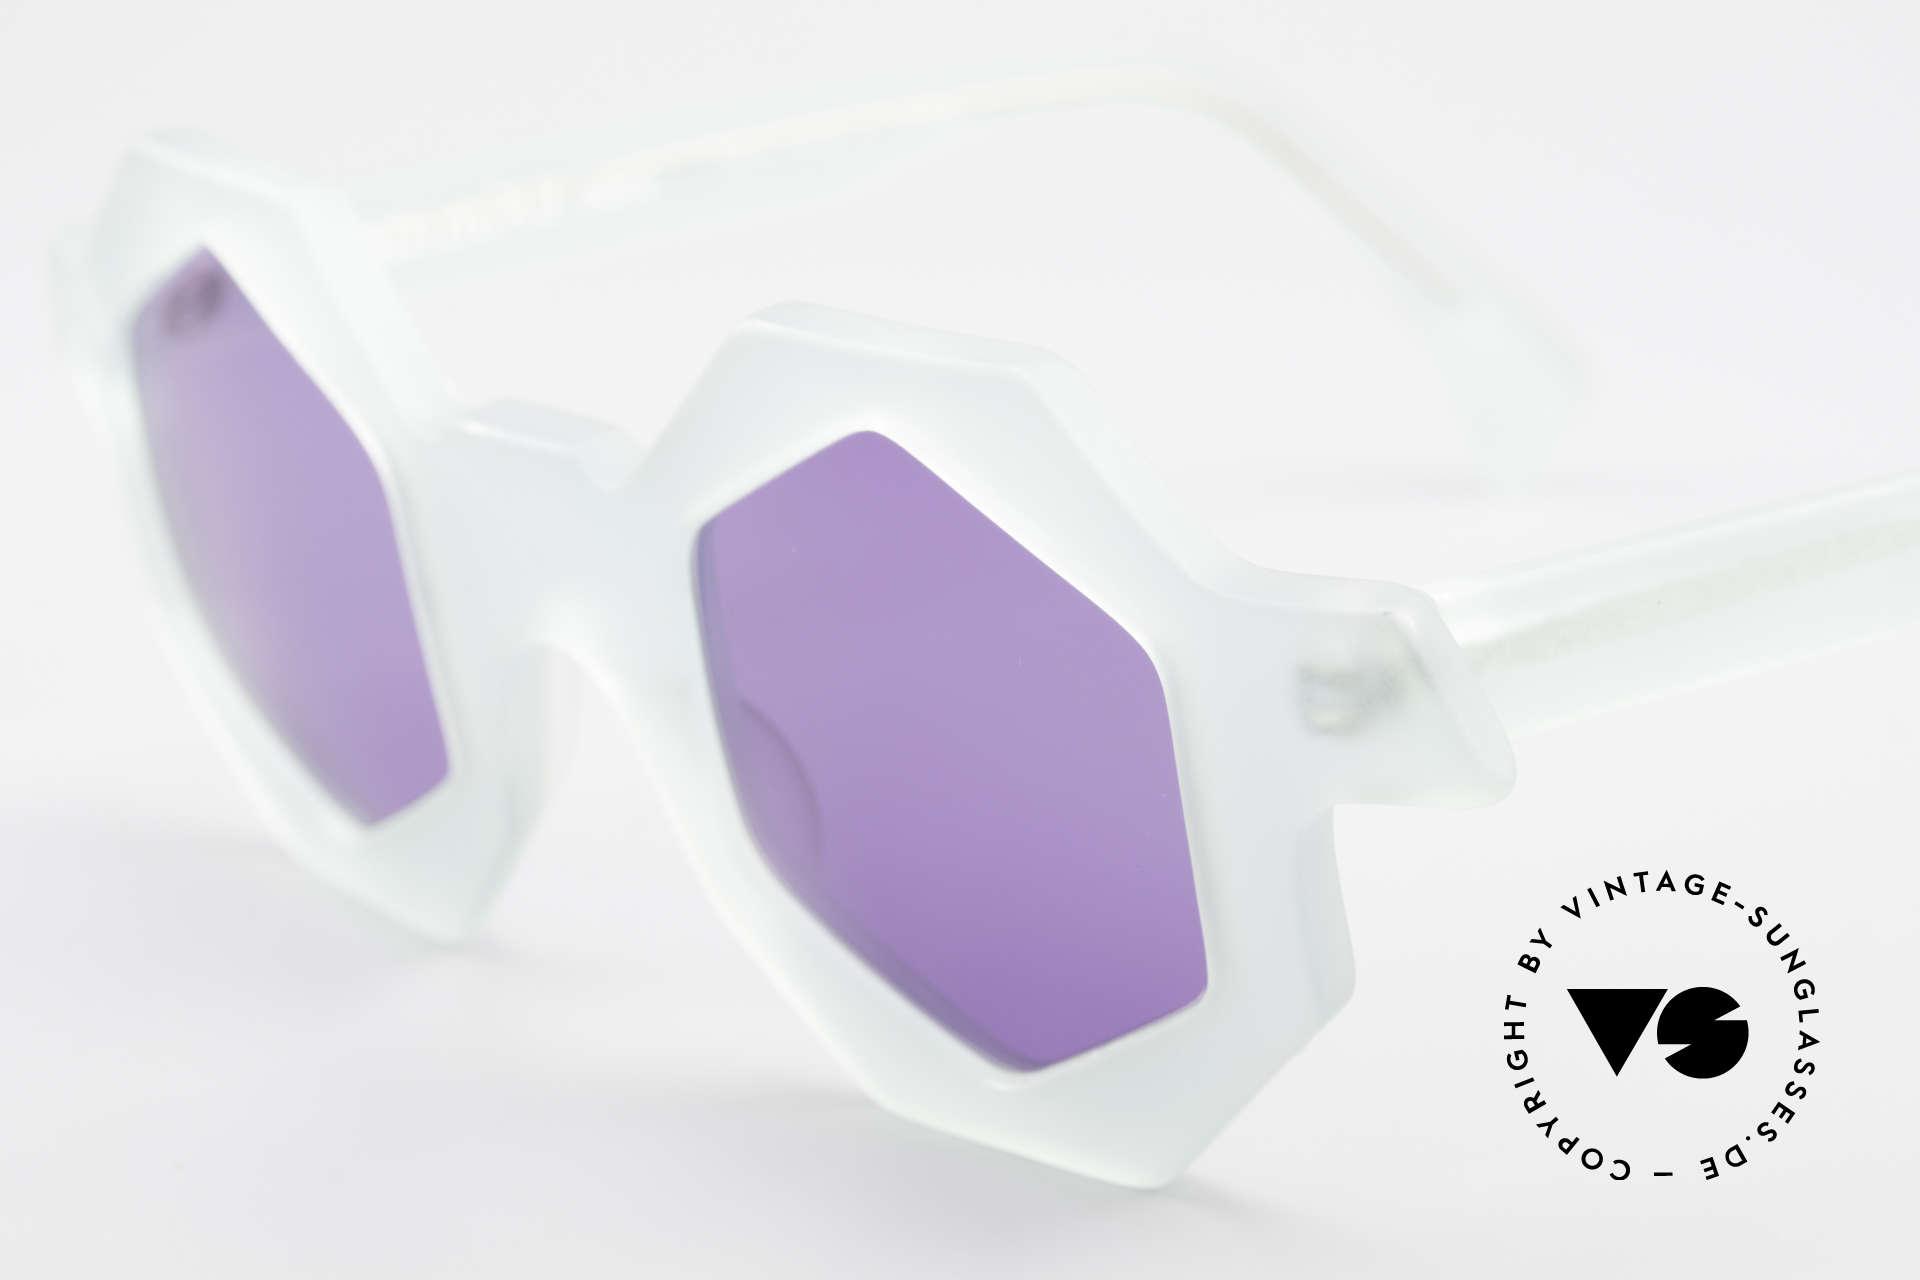 Alain Mikli 0157 / 932 Sechseckige Sonnenbrille 80er, Sammlerstück (gehört eigentlich in ein Museum), Passend für Damen